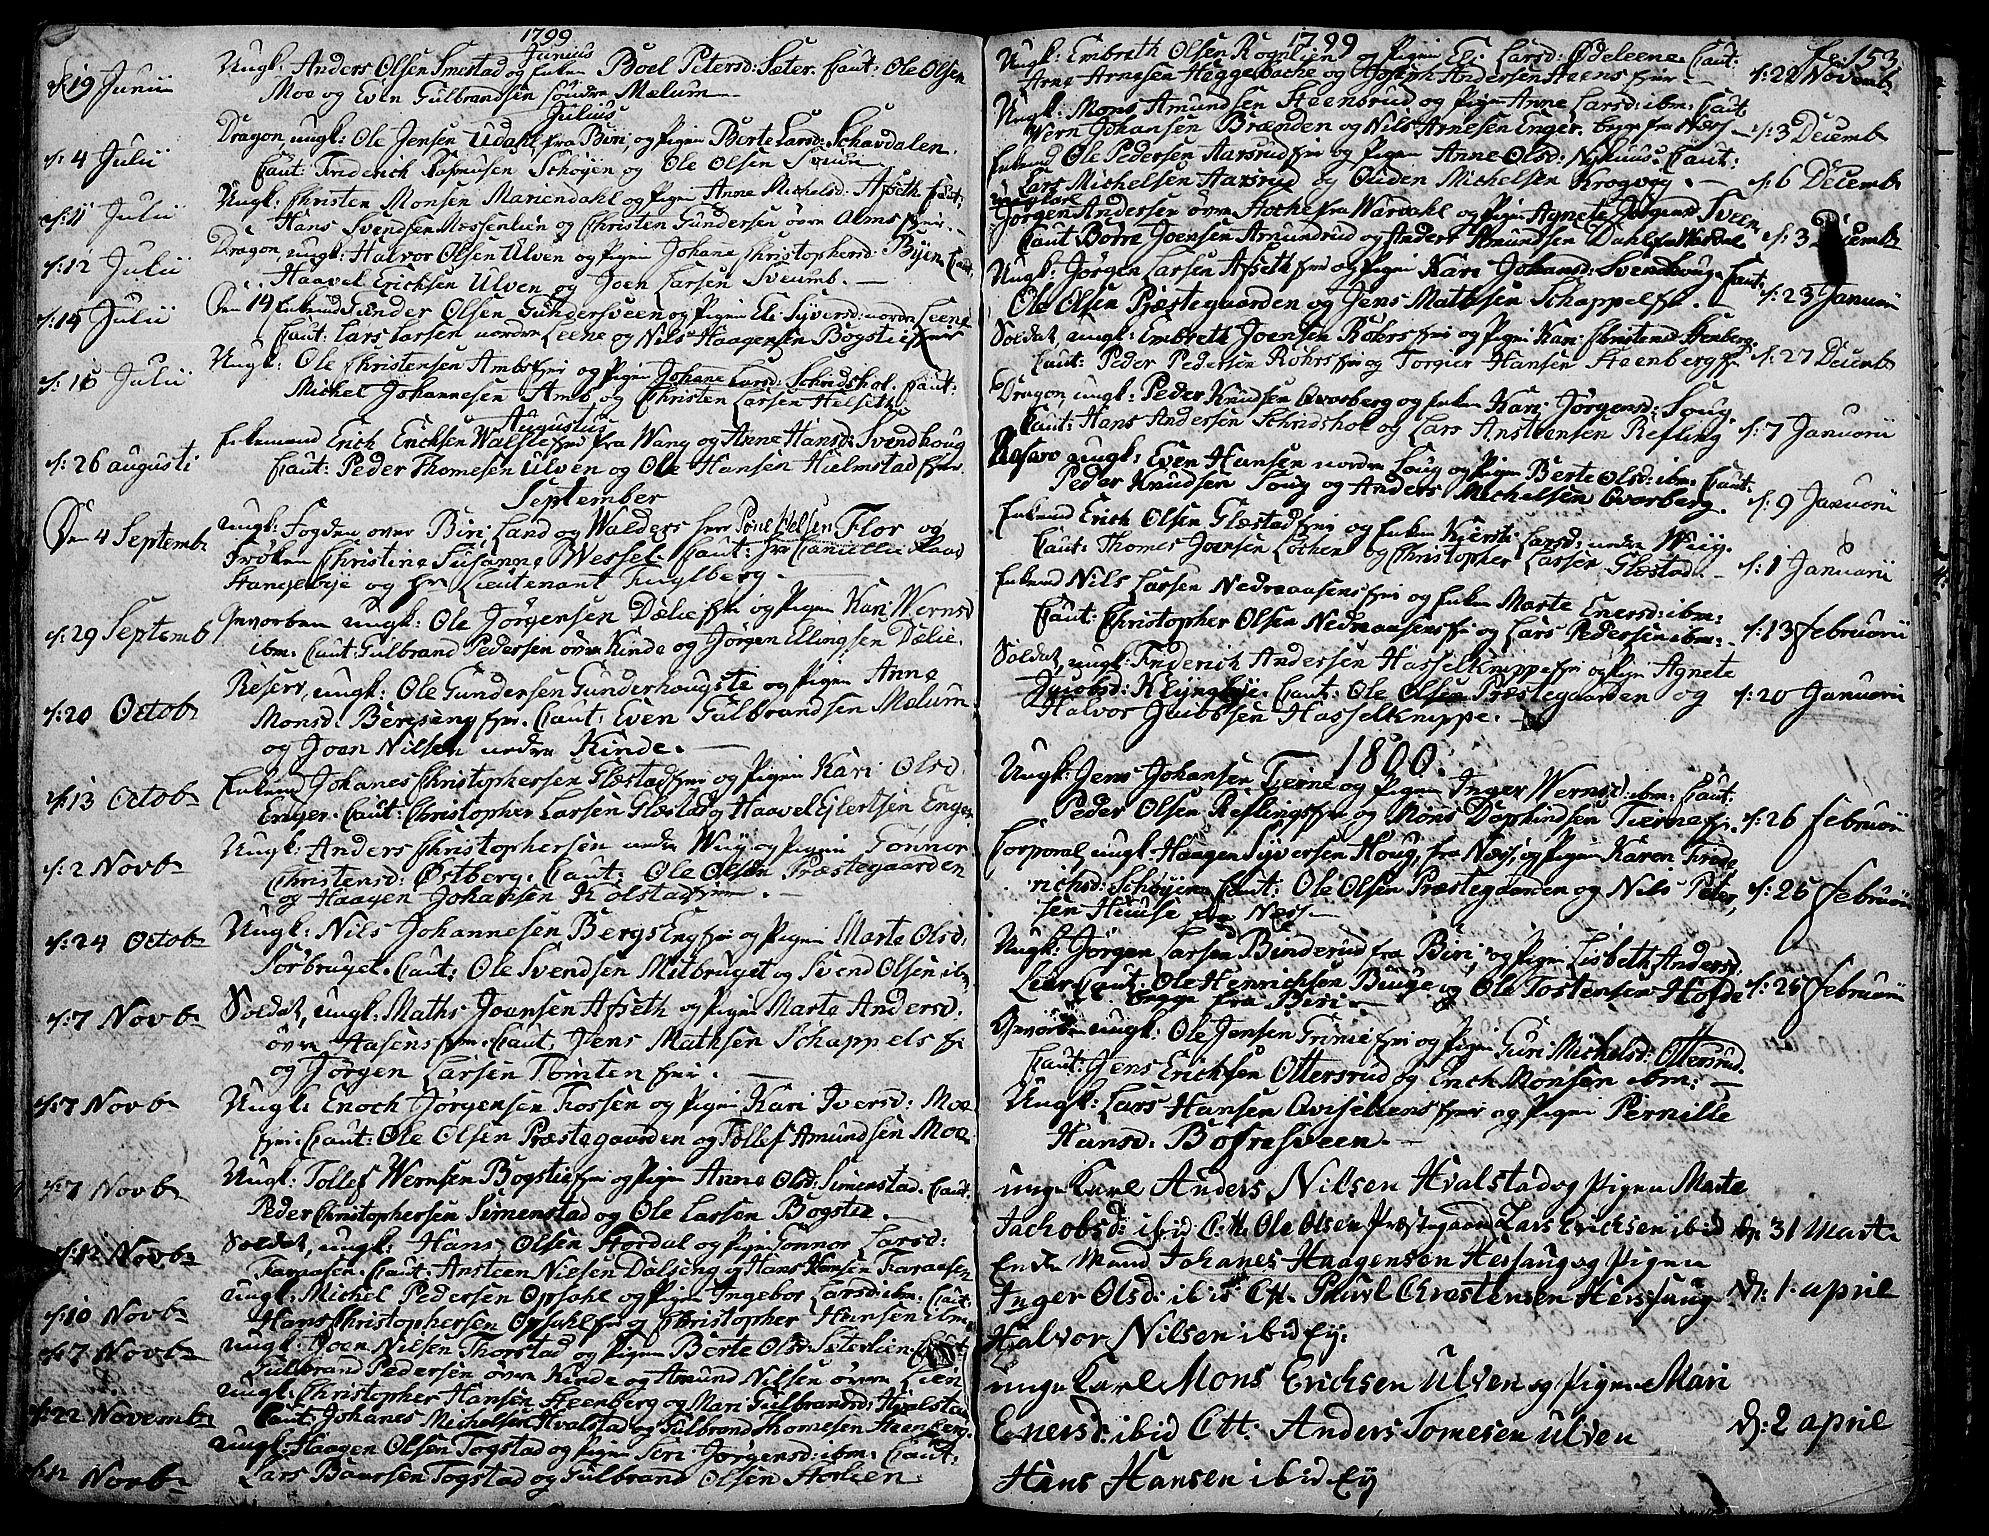 SAH, Ringsaker prestekontor, K/Ka/L0004: Ministerialbok nr. 4, 1799-1814, s. 153